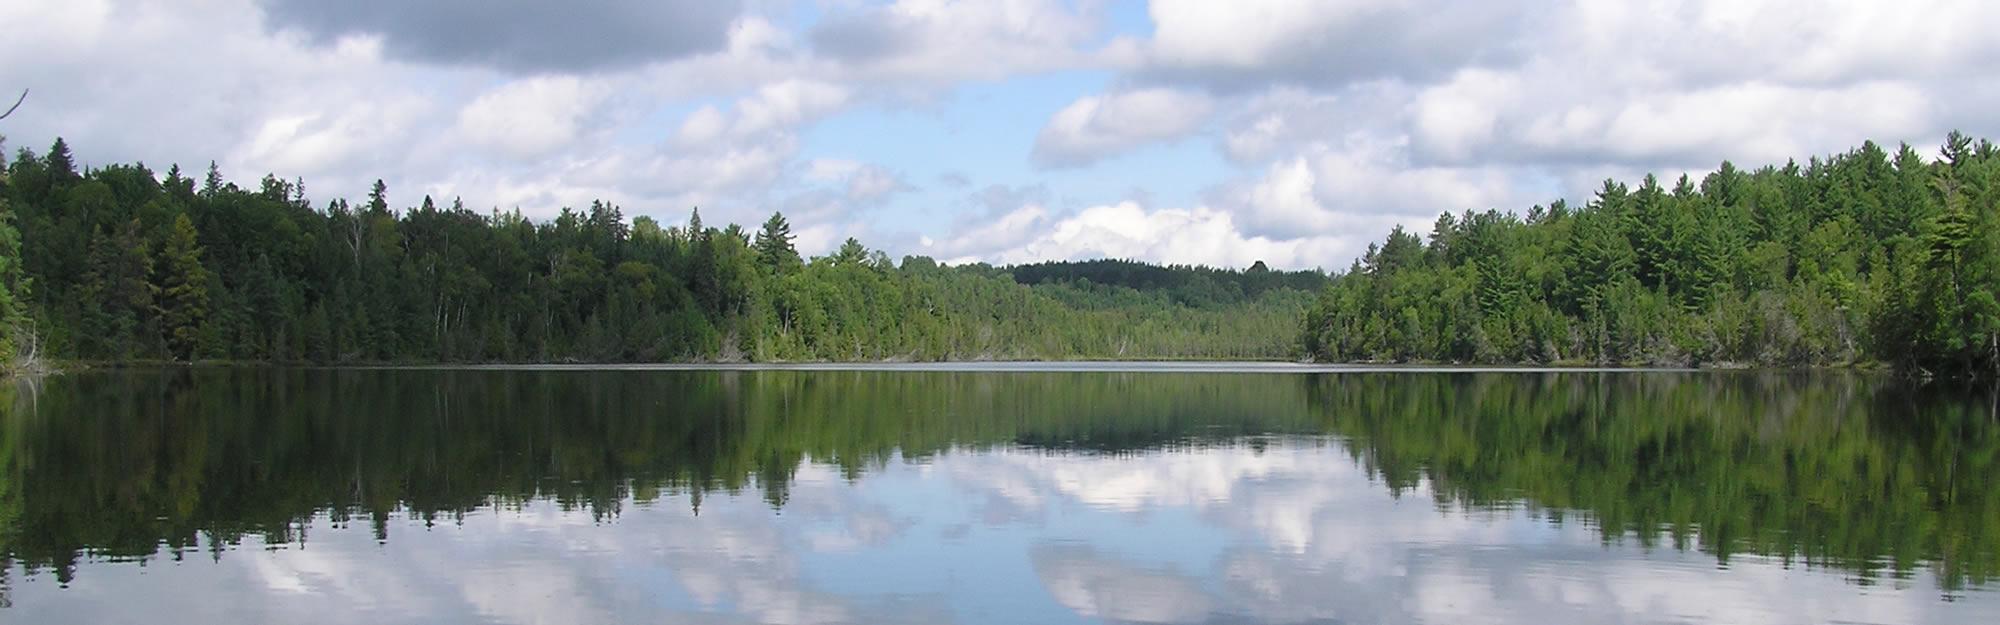 Bancroft Ontario